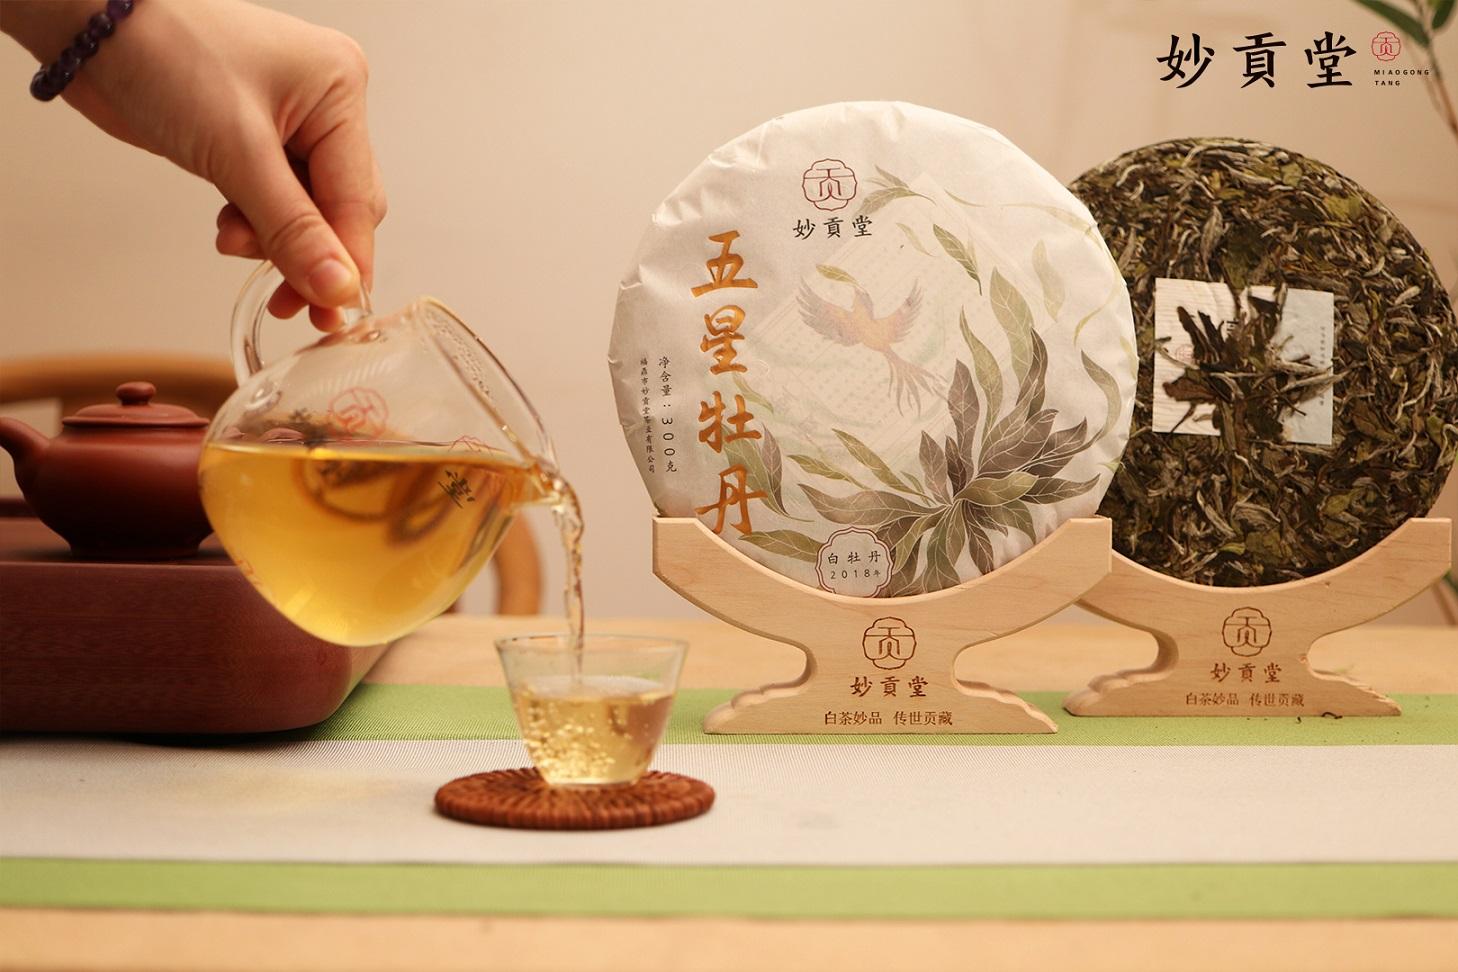 孕妇喝白茶的注意事项